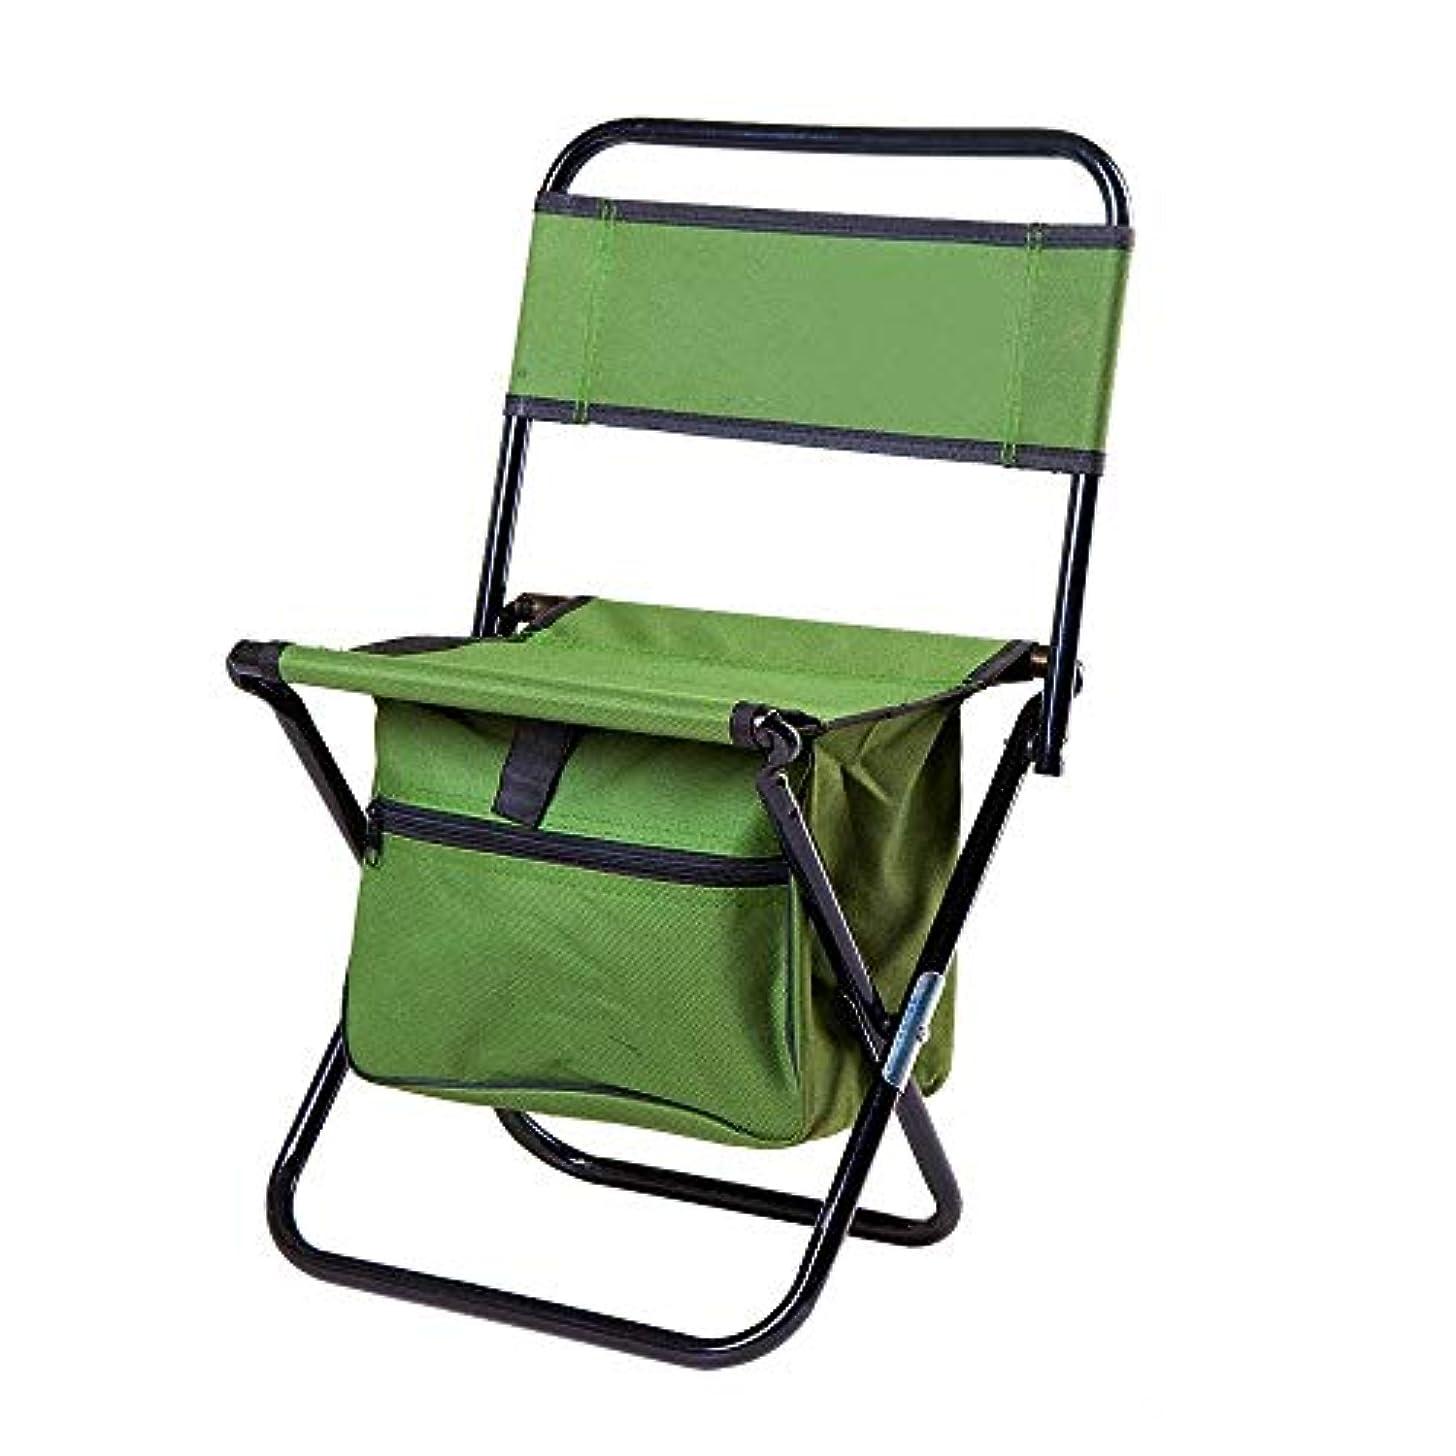 ラバマントスタックキャンプスツール、マルチファンクションハイキングバックパック折り畳み椅子トラベルバックパック折りたたみスツール釣り、ビーチ、キャンプや遠足ピクニック折りたたみ